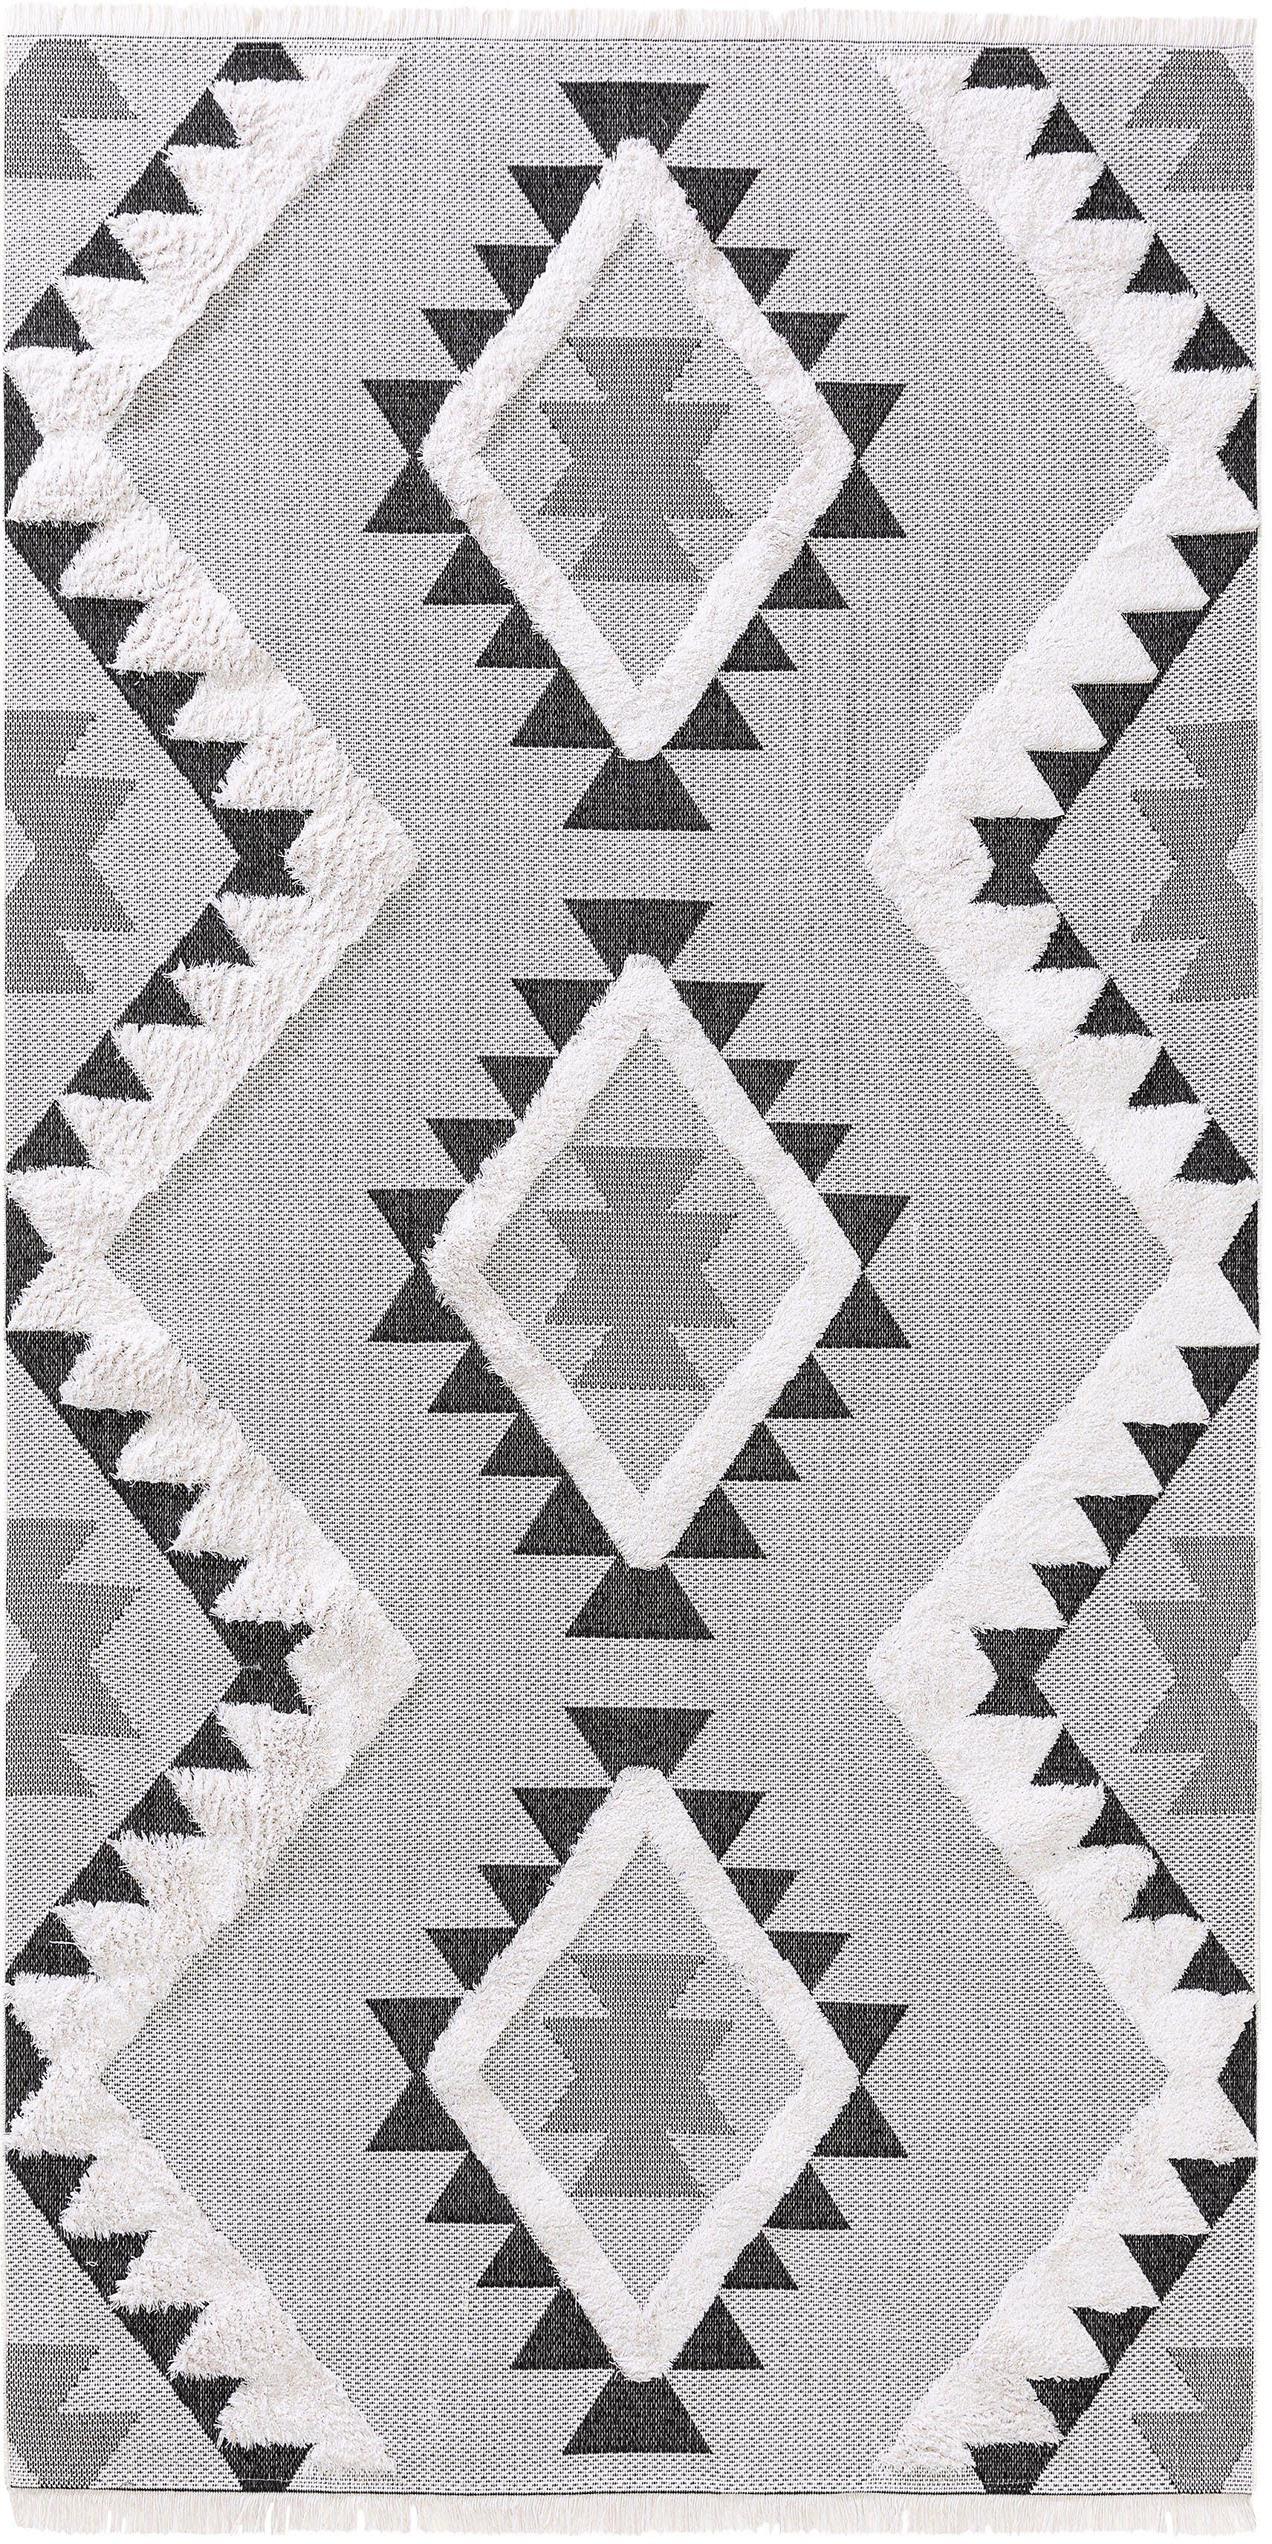 Waschbarer Baumwollteppich Oslo Aztec mit Hoch-Tief-Struktur, 100% Baumwolle, Cremeweiß, Grautöne, B 75 x L 150 cm (Größe XS)